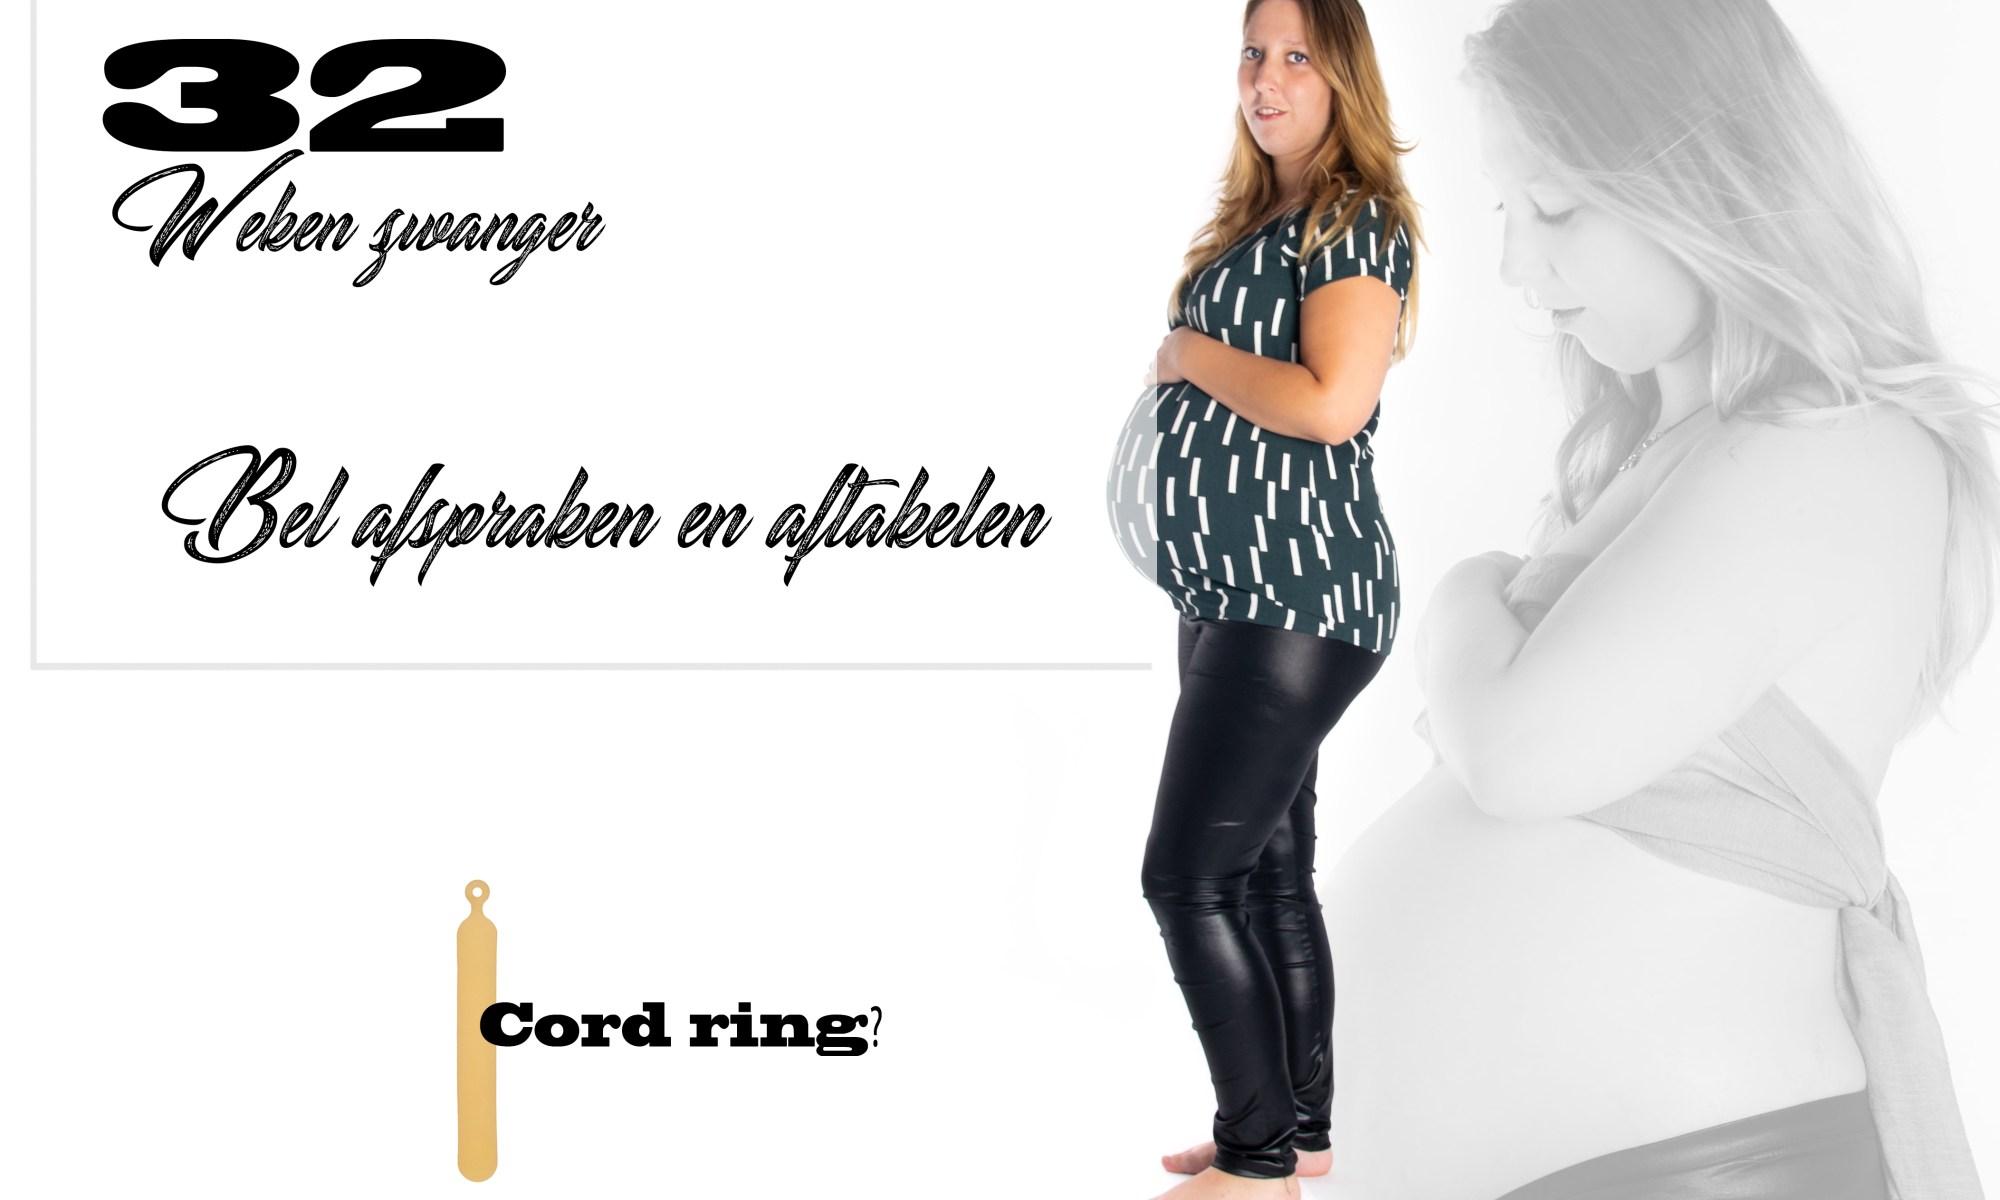 cord ring alternatief navelklem geboorte verloskundige blog zwanger zwangerschap baby tweede kindje broer mama blog buikfoto 32 weken zwanger www.liefkleinwonder.nl